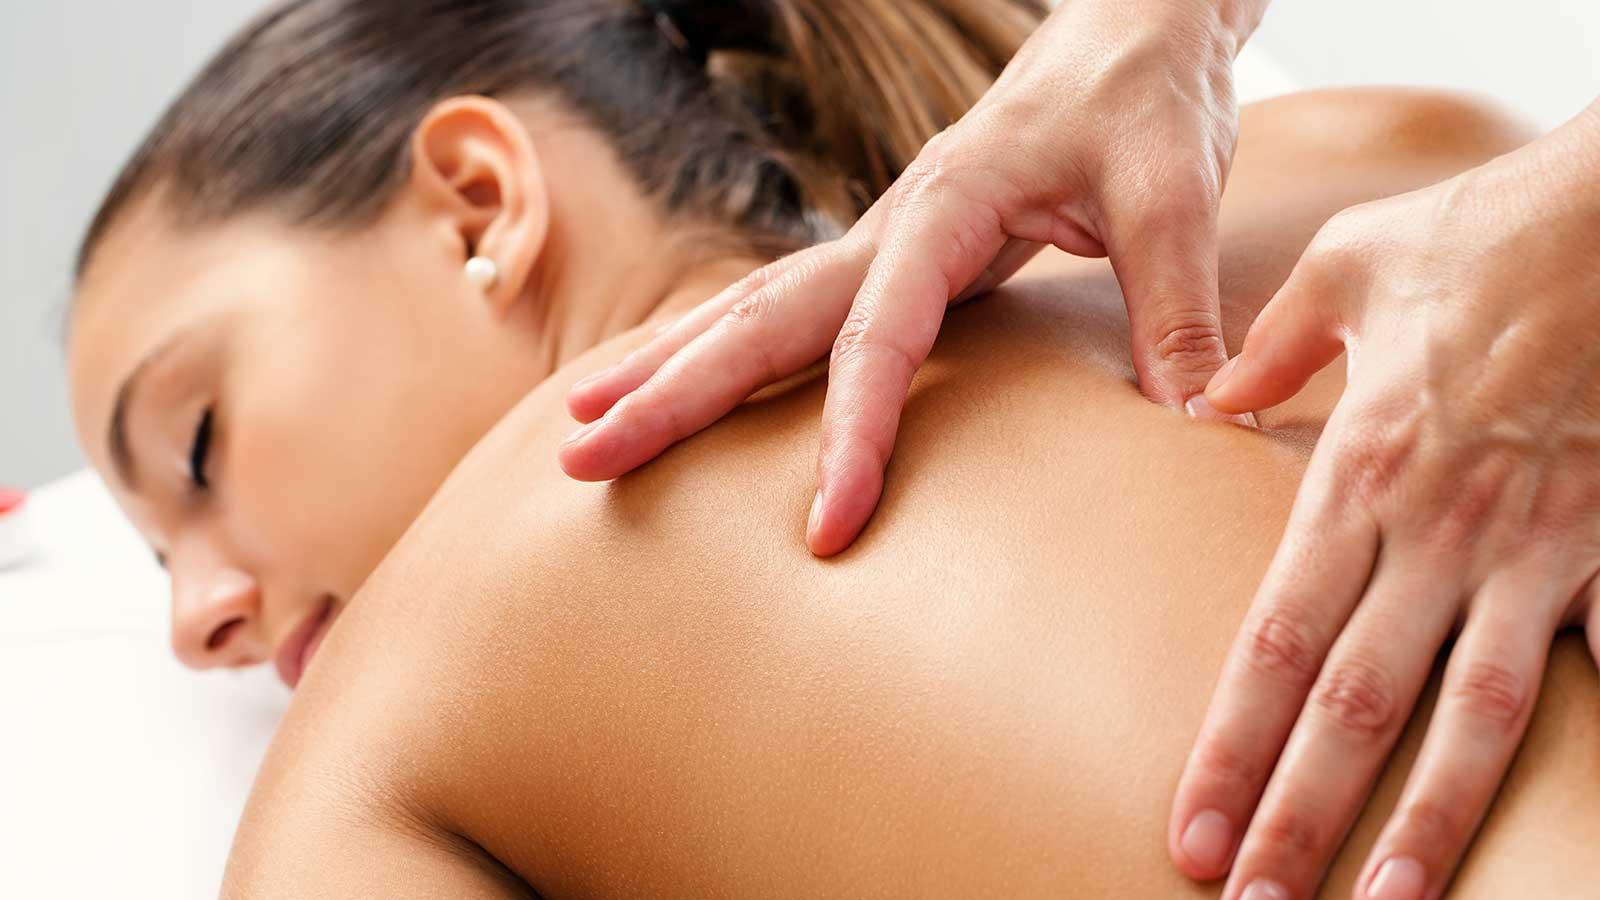 Fisioterapia Massaggi Lugano Cantone Ticino